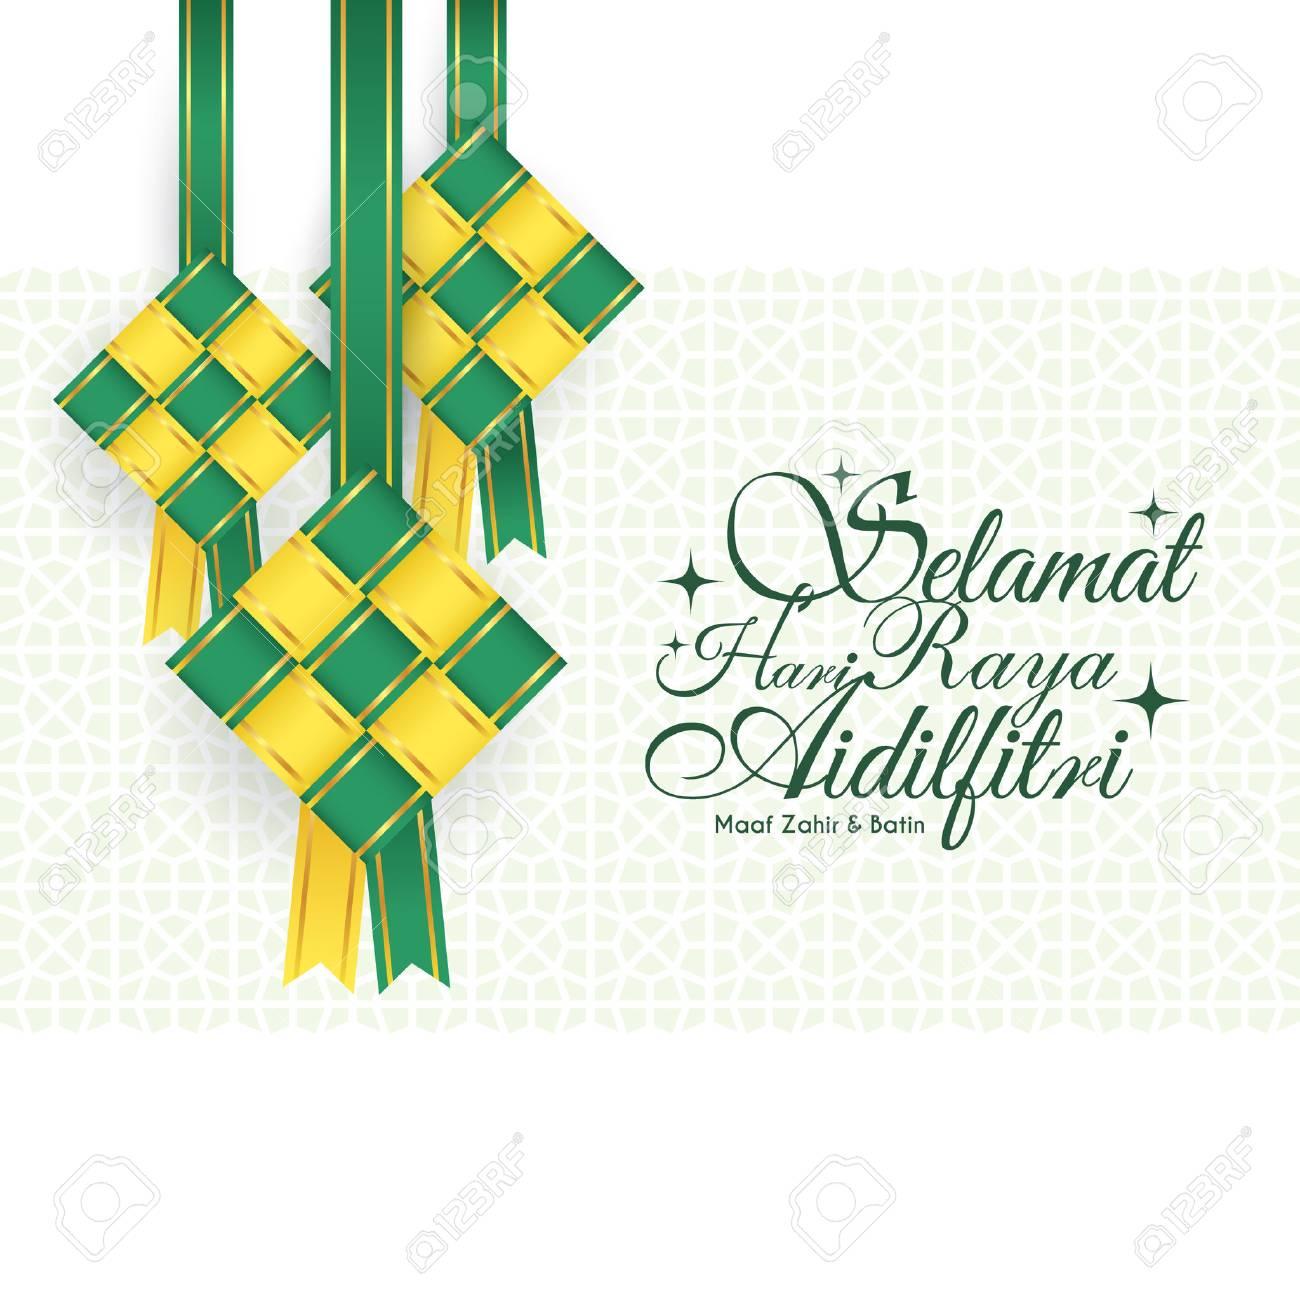 Selamat Hari Raya Aidilfitri Greeting Card Vector Ketupat With